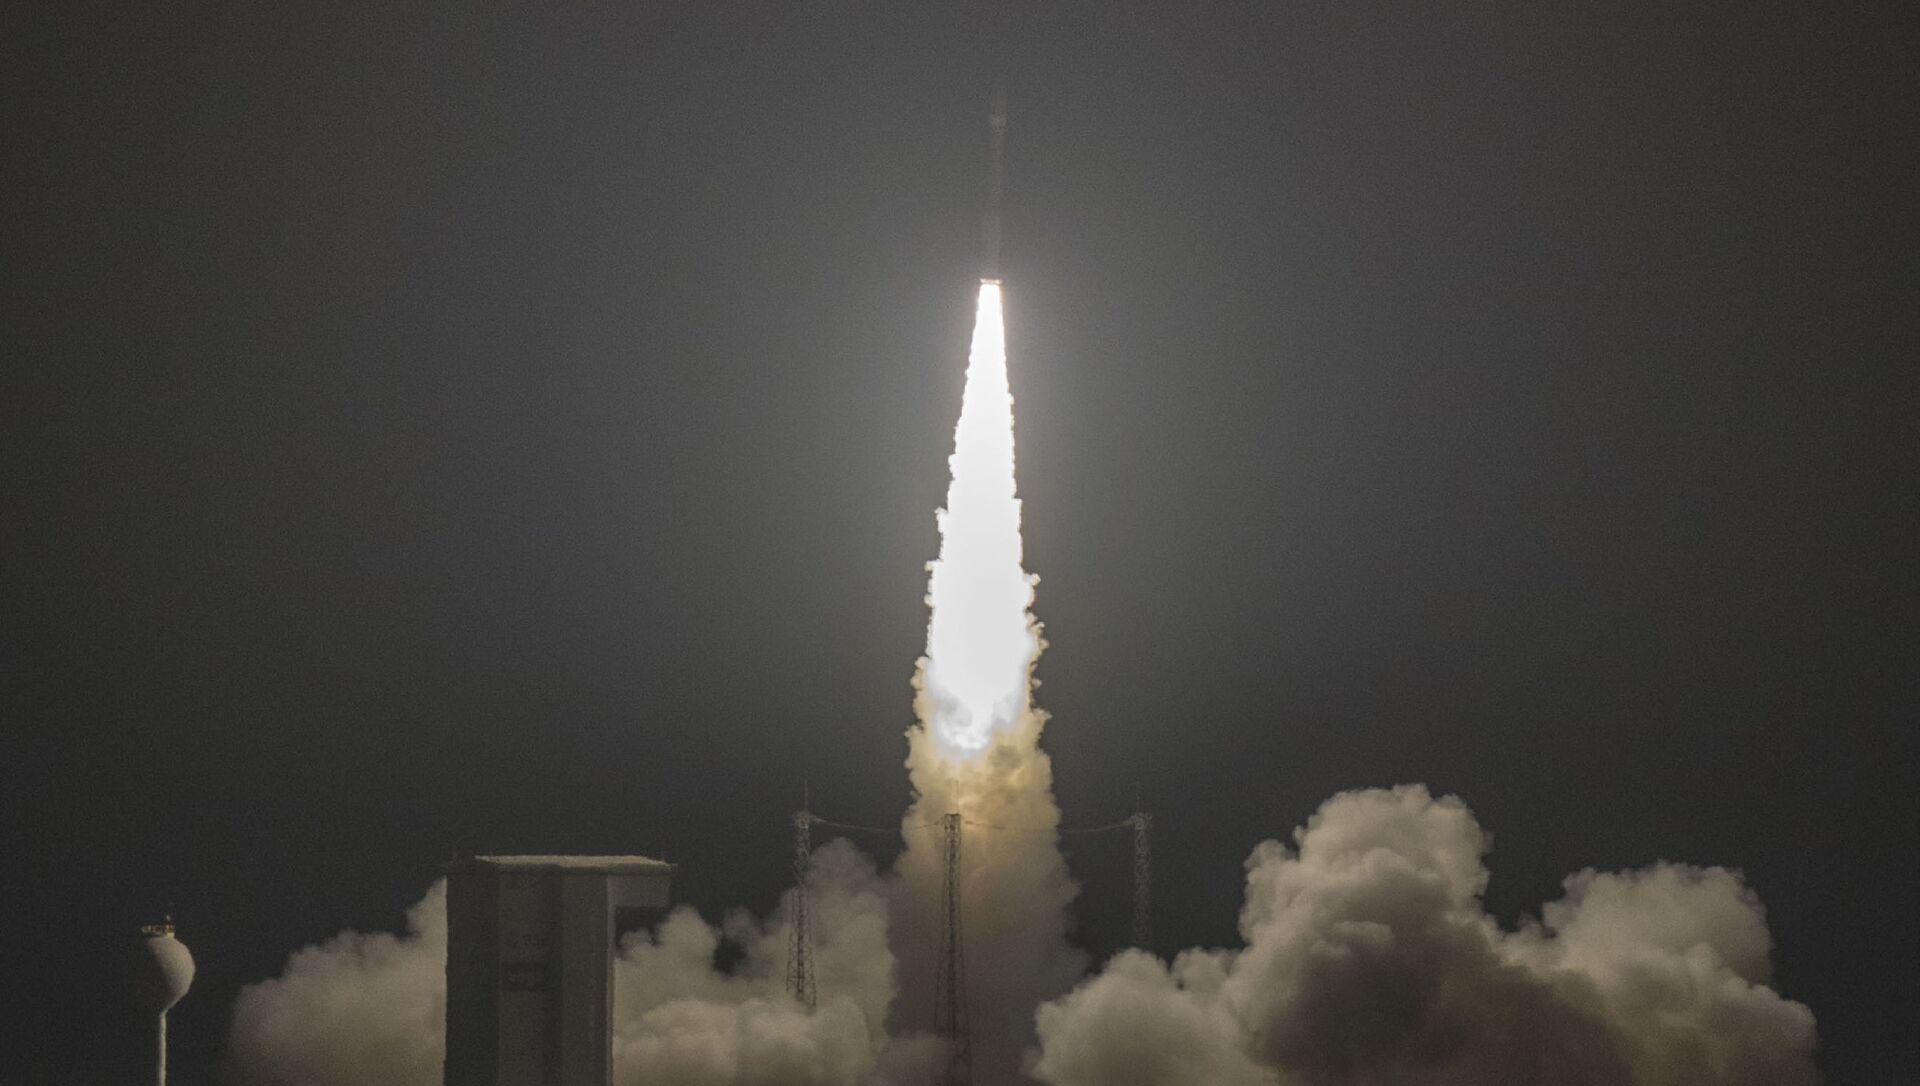 Une fusée Vega décolle de Kourou pour mettre en orbite un satellite d'observation - Sputnik France, 1920, 17.08.2021